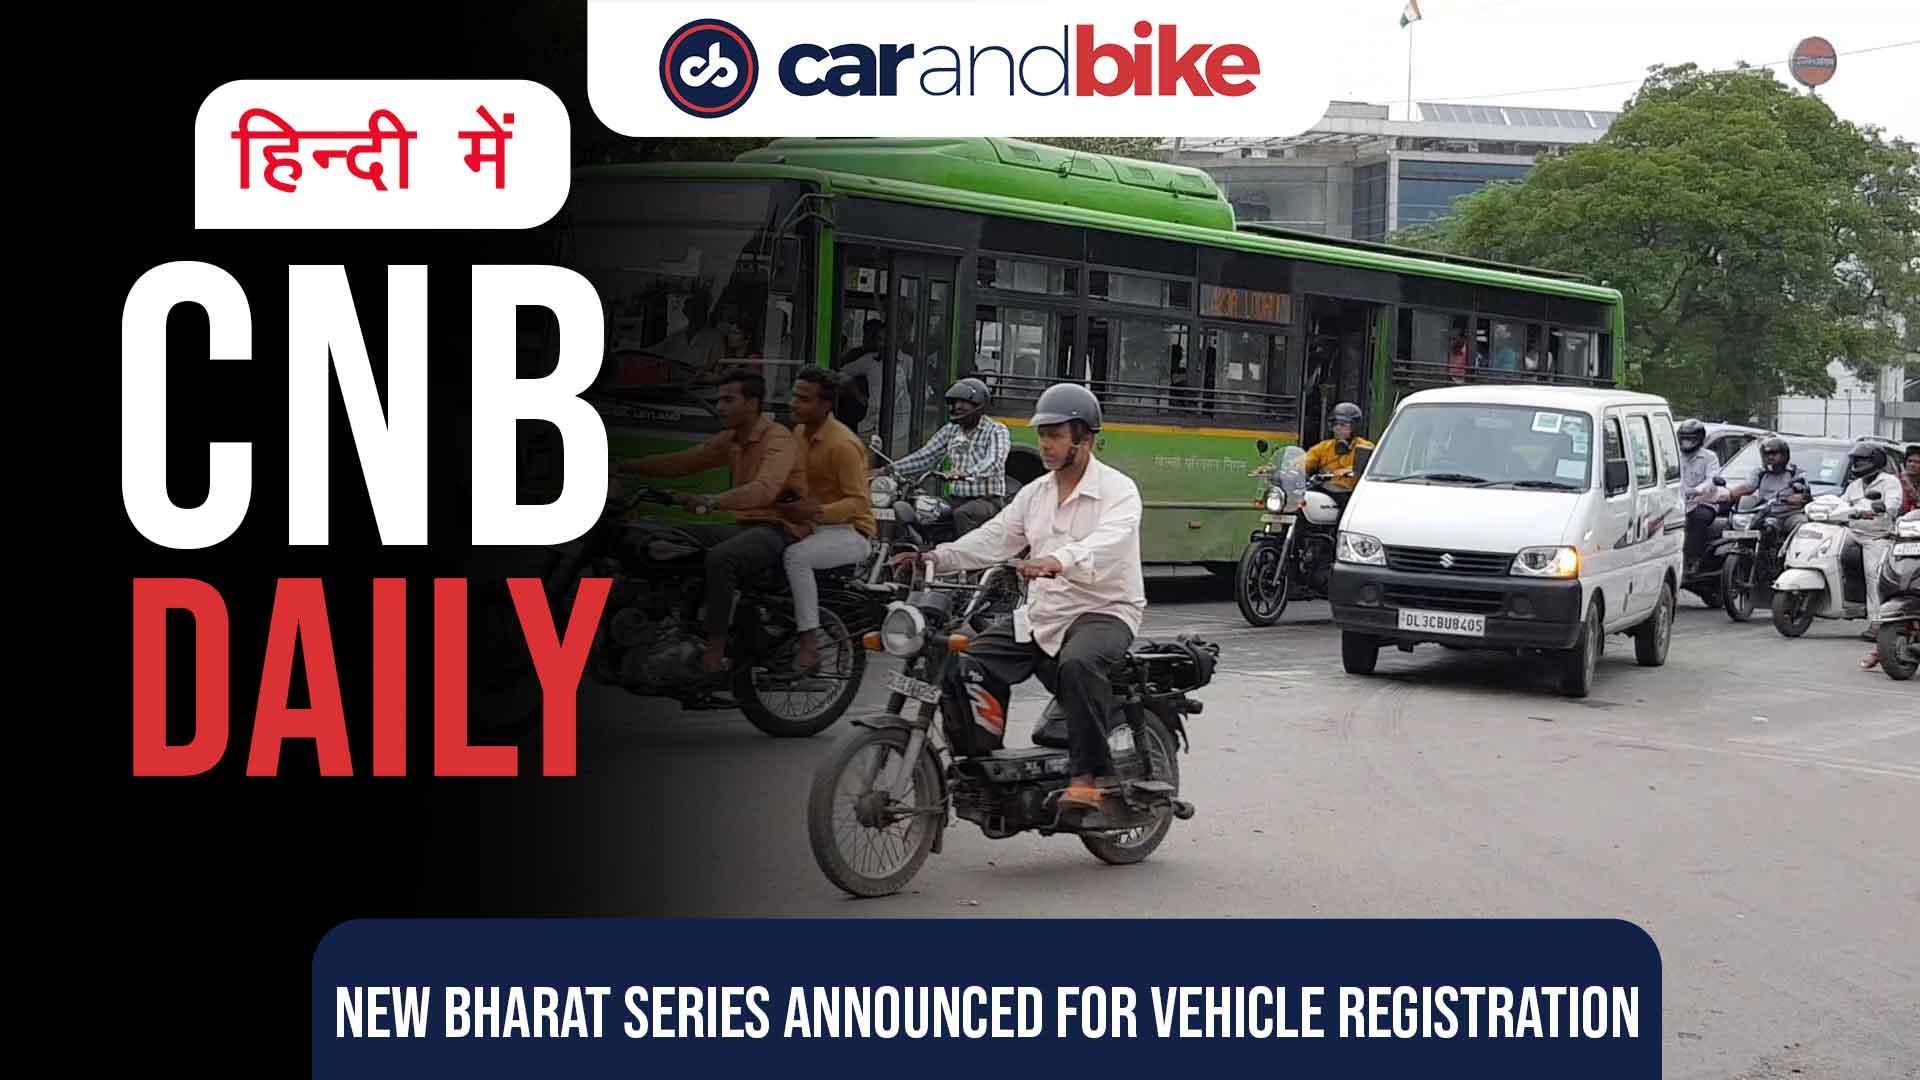 वाहन रजिस्ट्रेशन के लिए नई भारत सीरीज़ की घोषणा